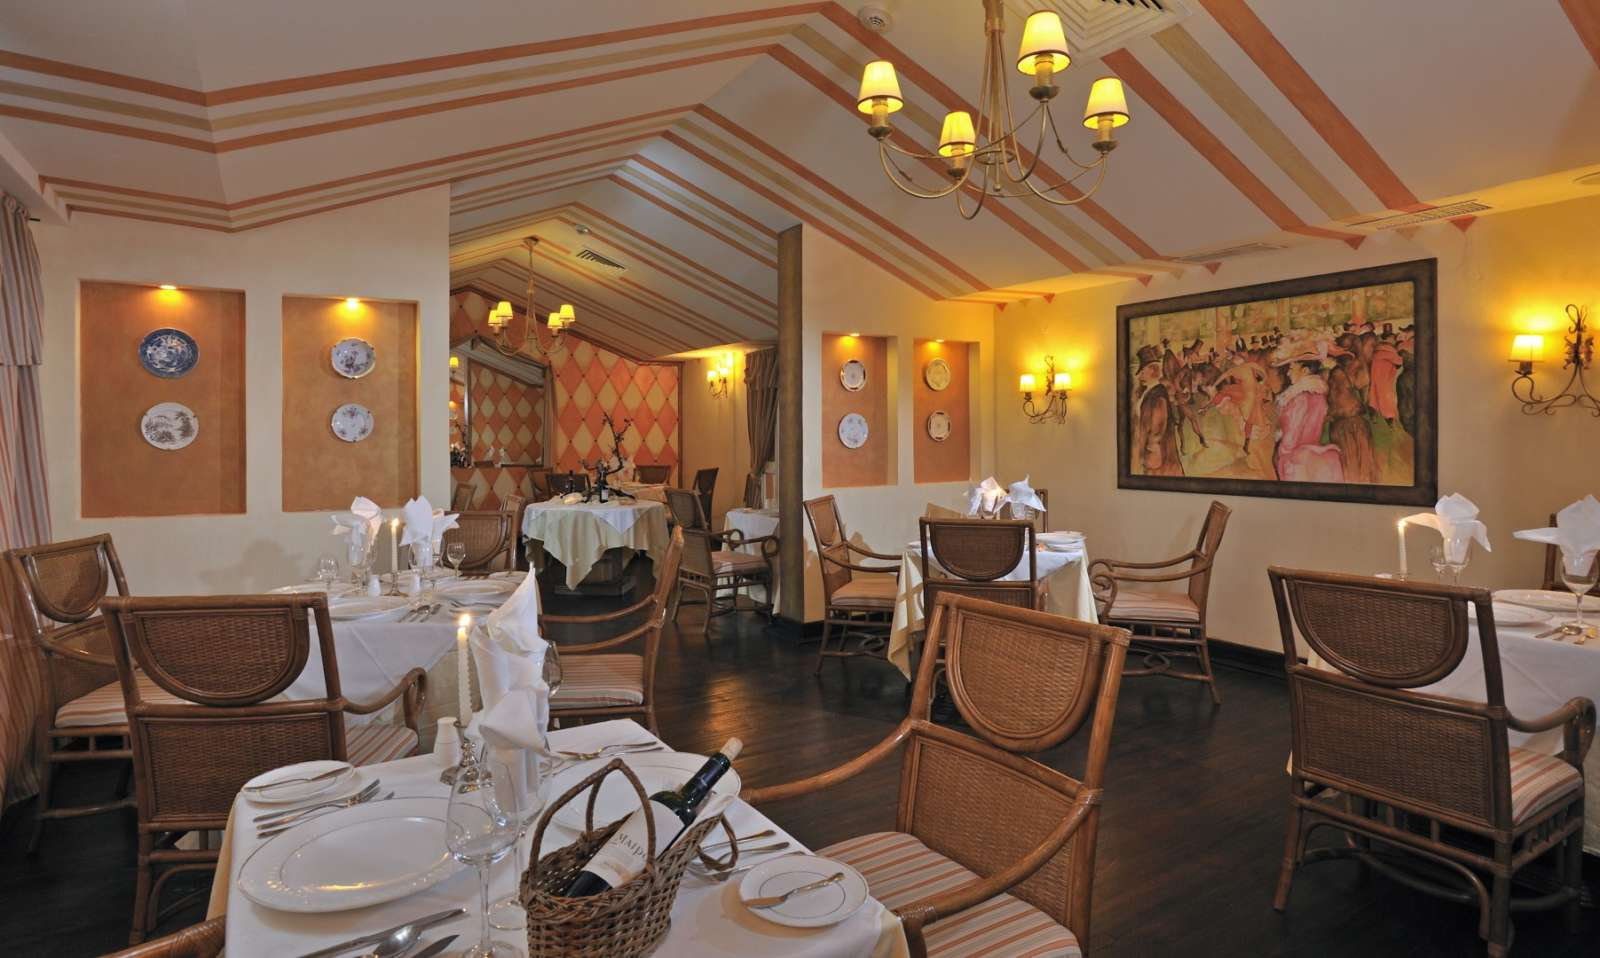 Bistro restaurant at Sol Rio De Luna Y Mares